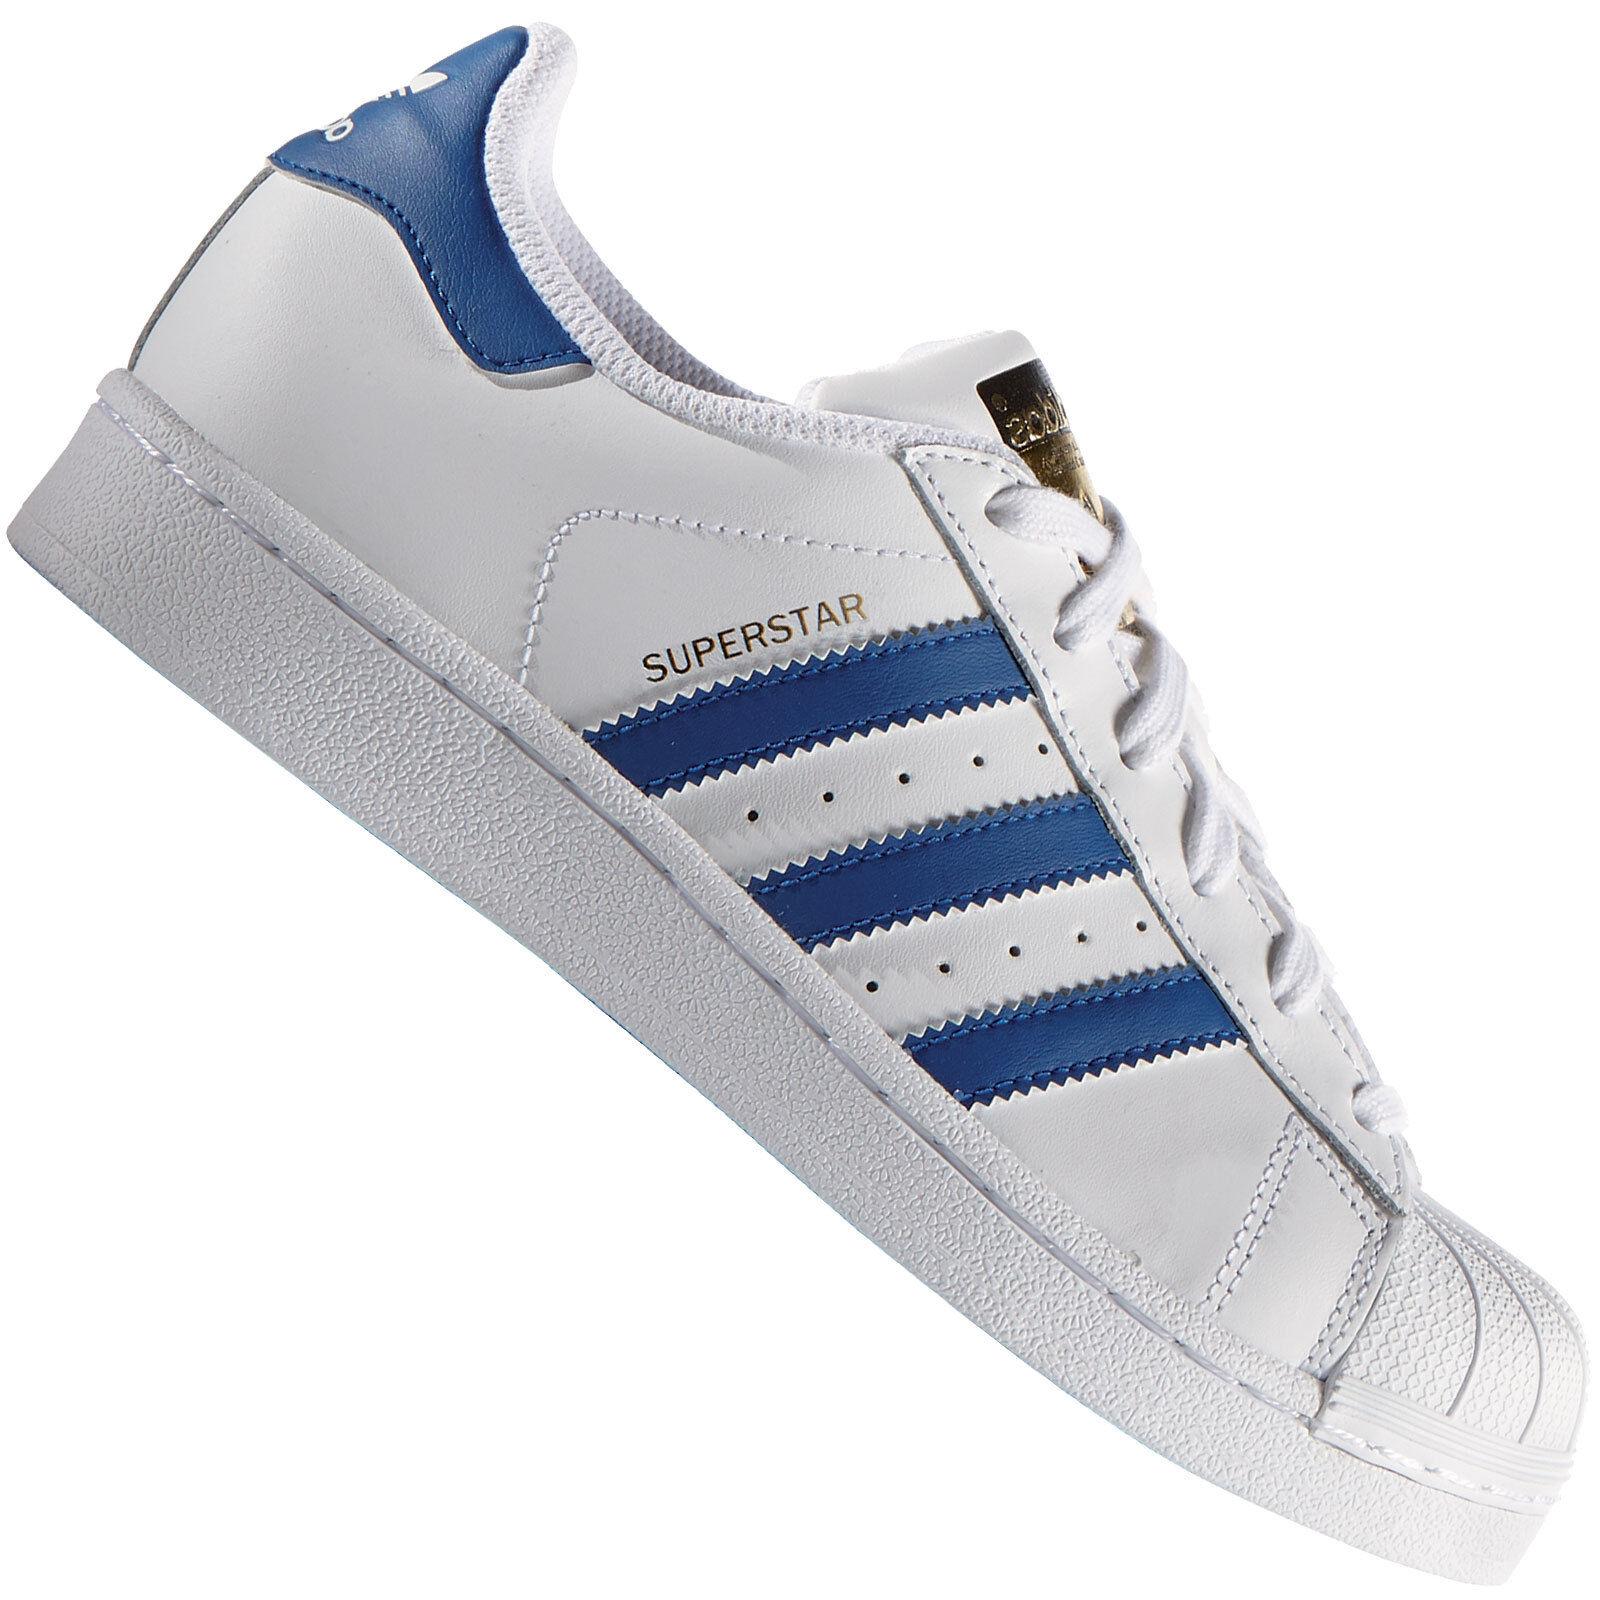 Adidas superstar bianco   blu blu blu originale fondazione s74944 scarpe da donna scarpe   Ottima classificazione    Uomo/Donna Scarpa  296d42